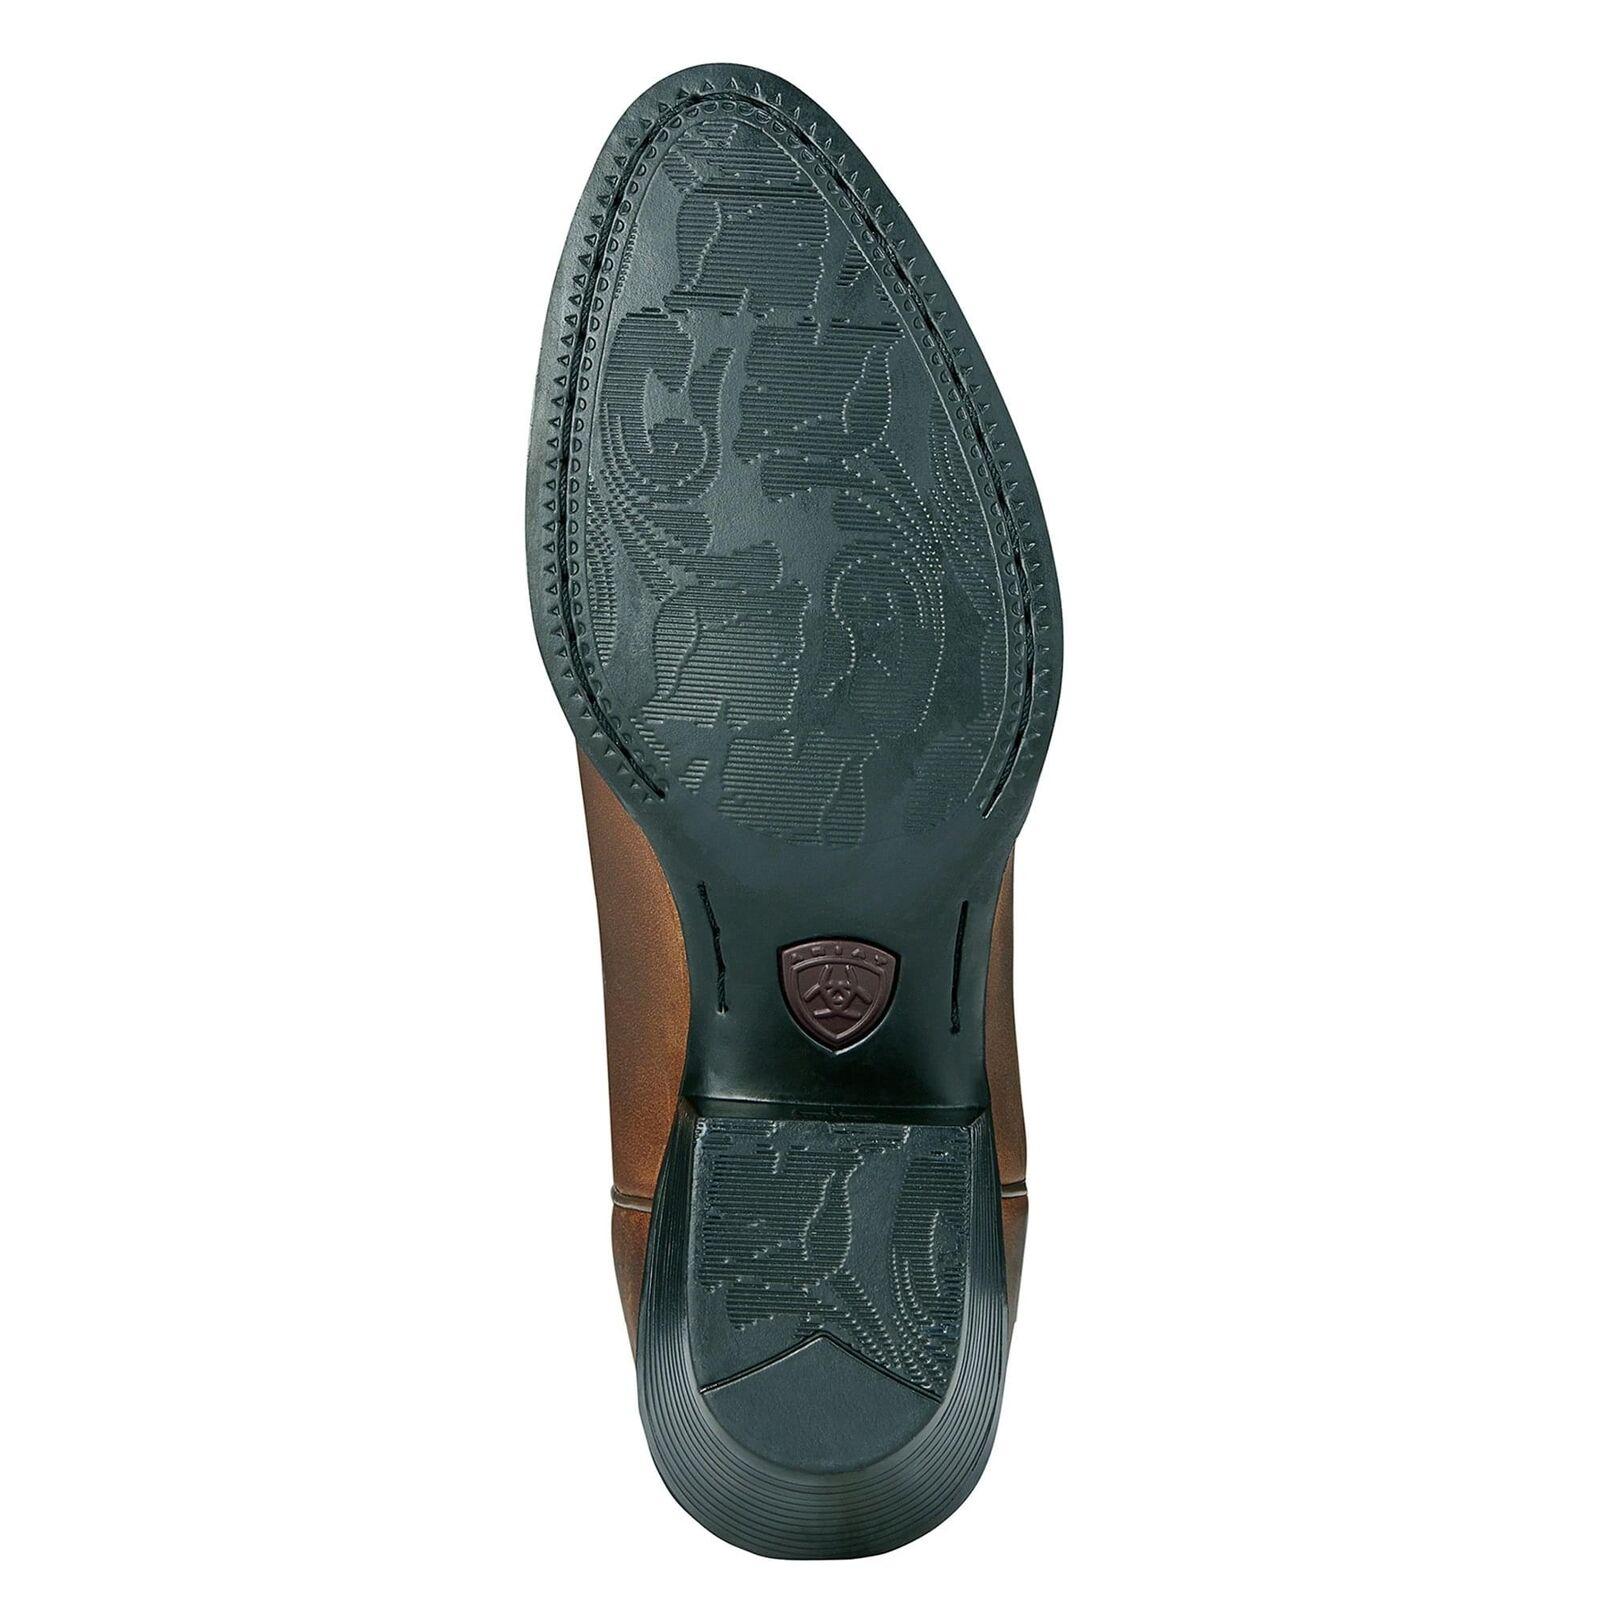 Ariat Heritage R Toe Vaquero botas De Vaquero Toe Occidental 1c58c3